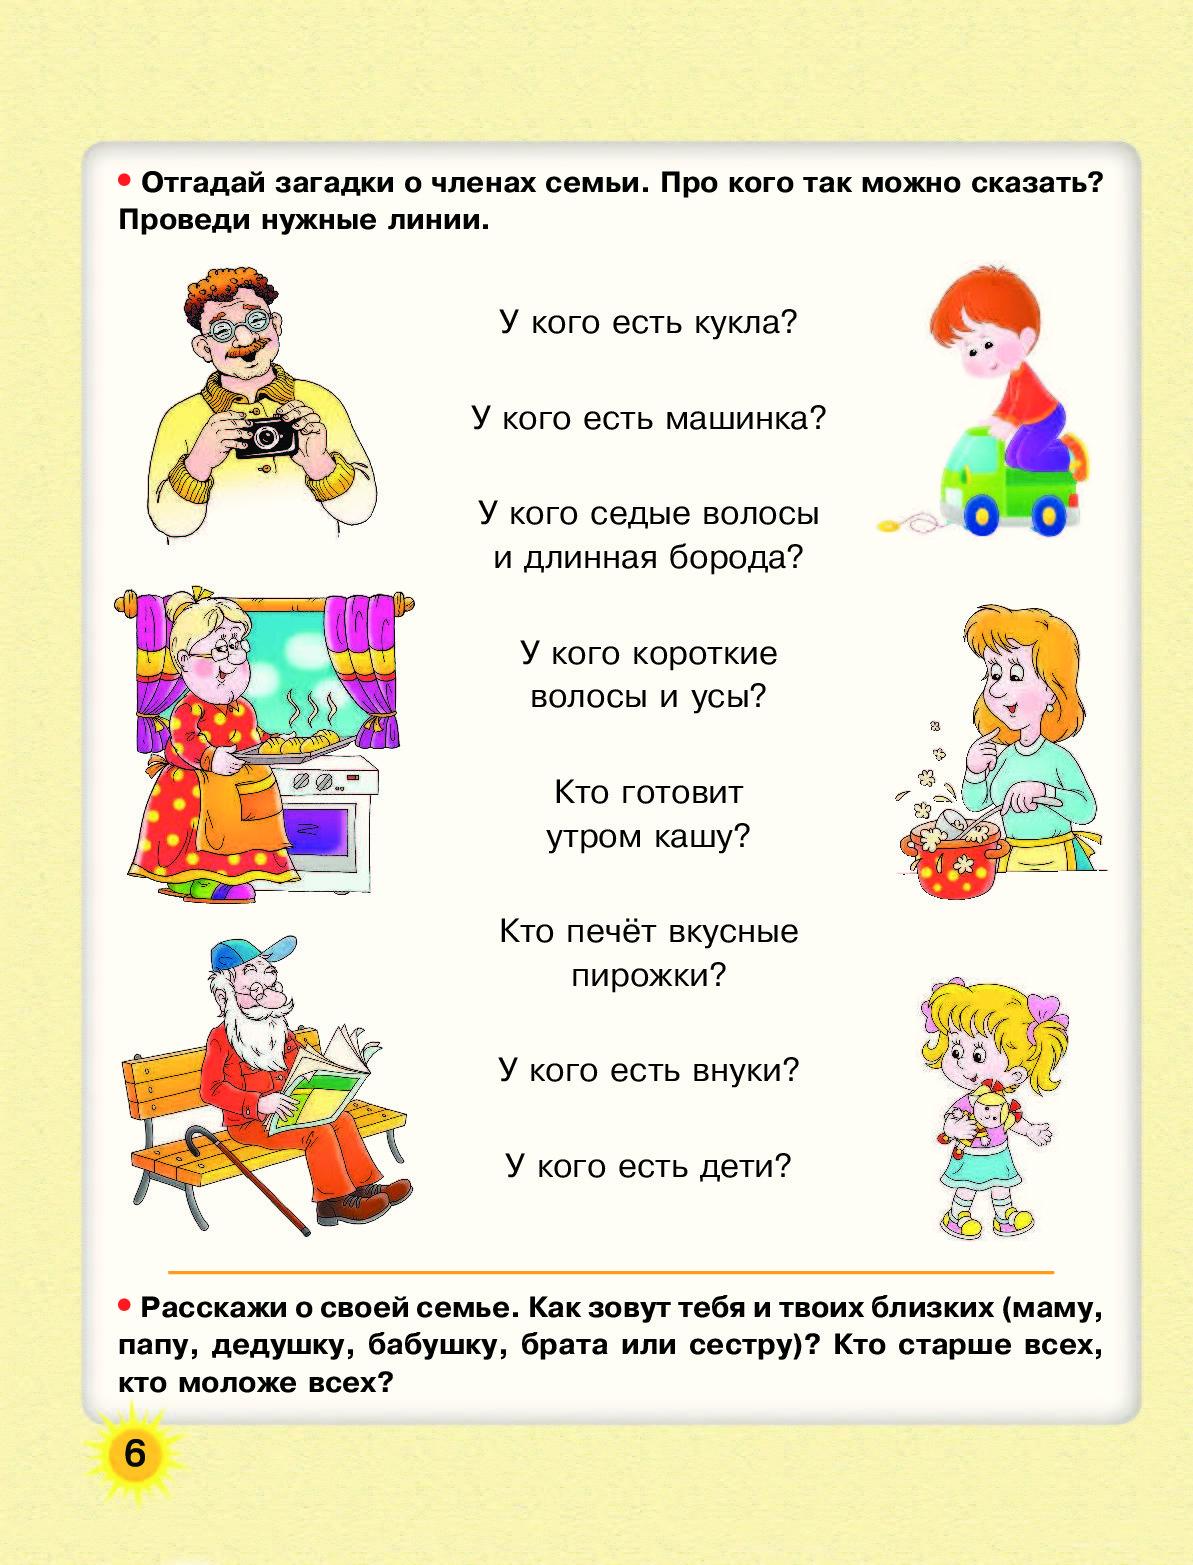 Детские стихи о семье